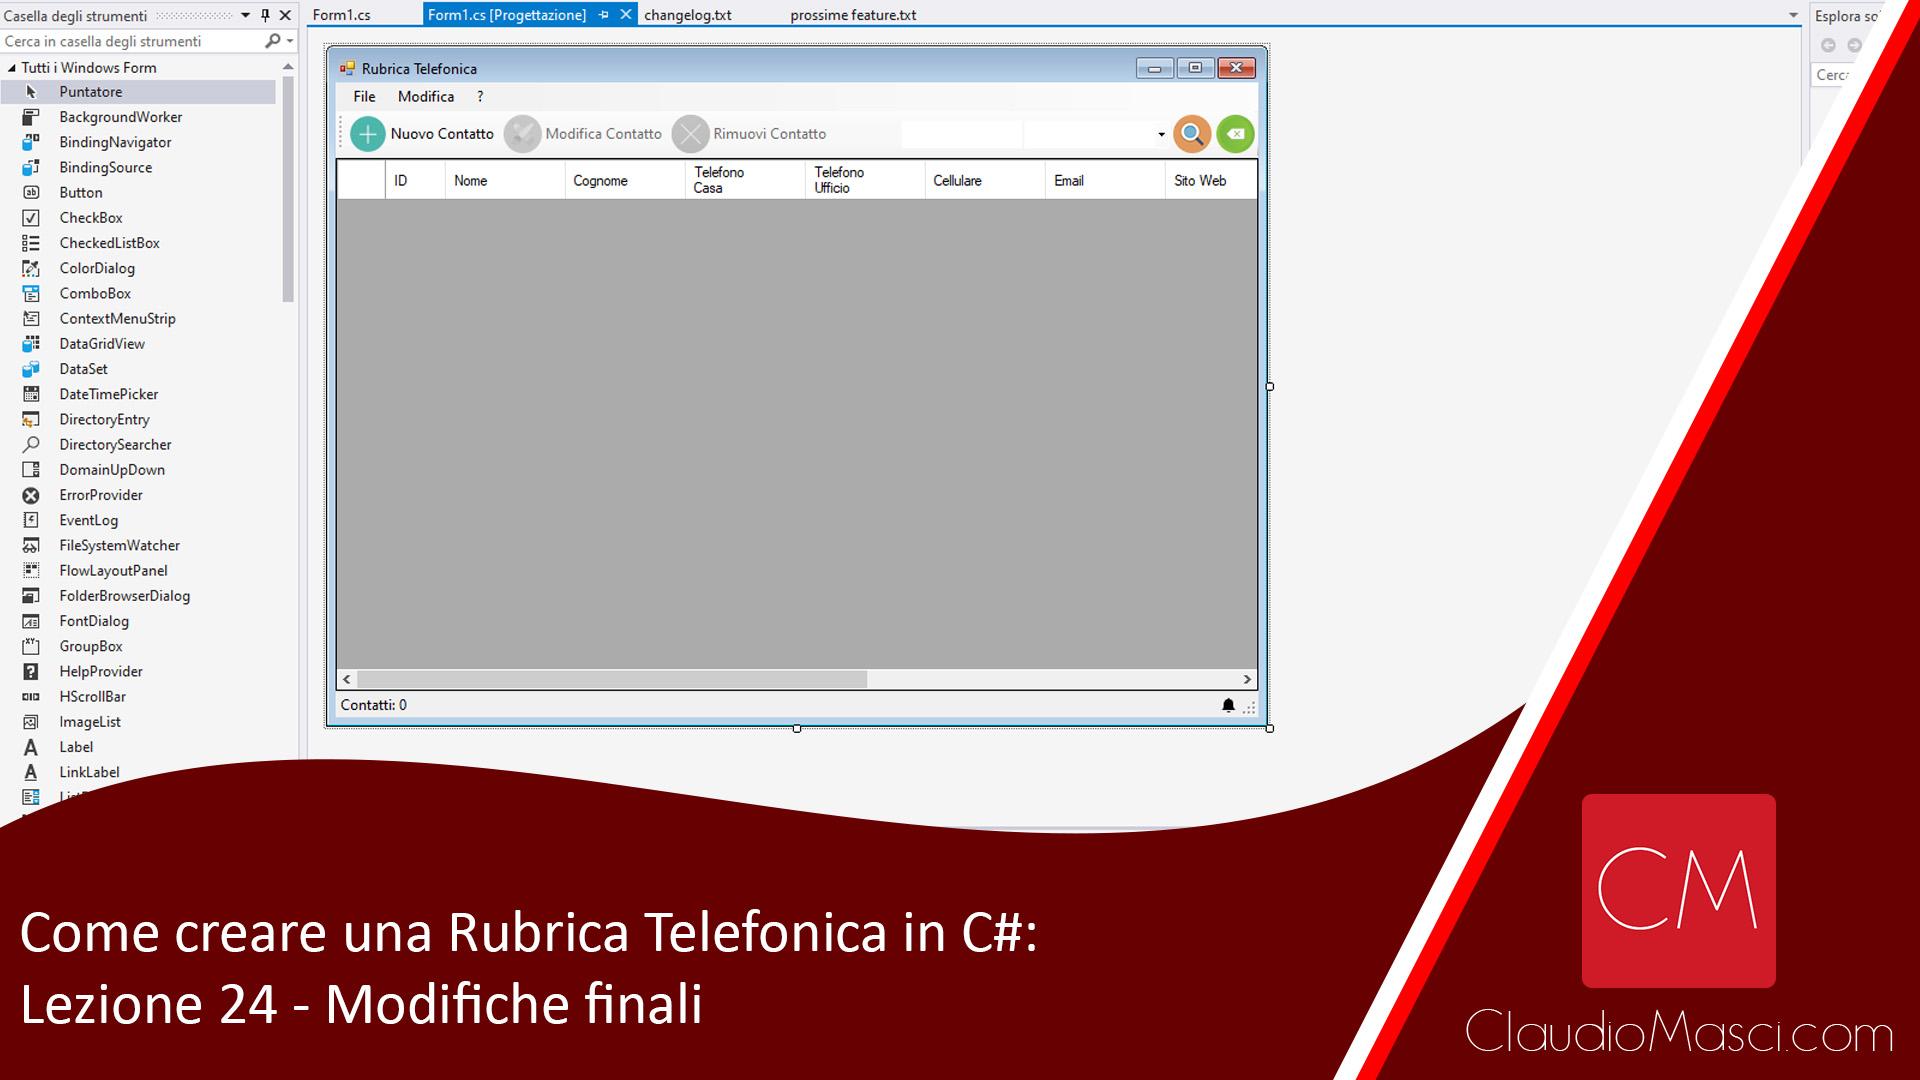 Come creare una Rubrica Telefonica in C# – #24 – Modifiche finali